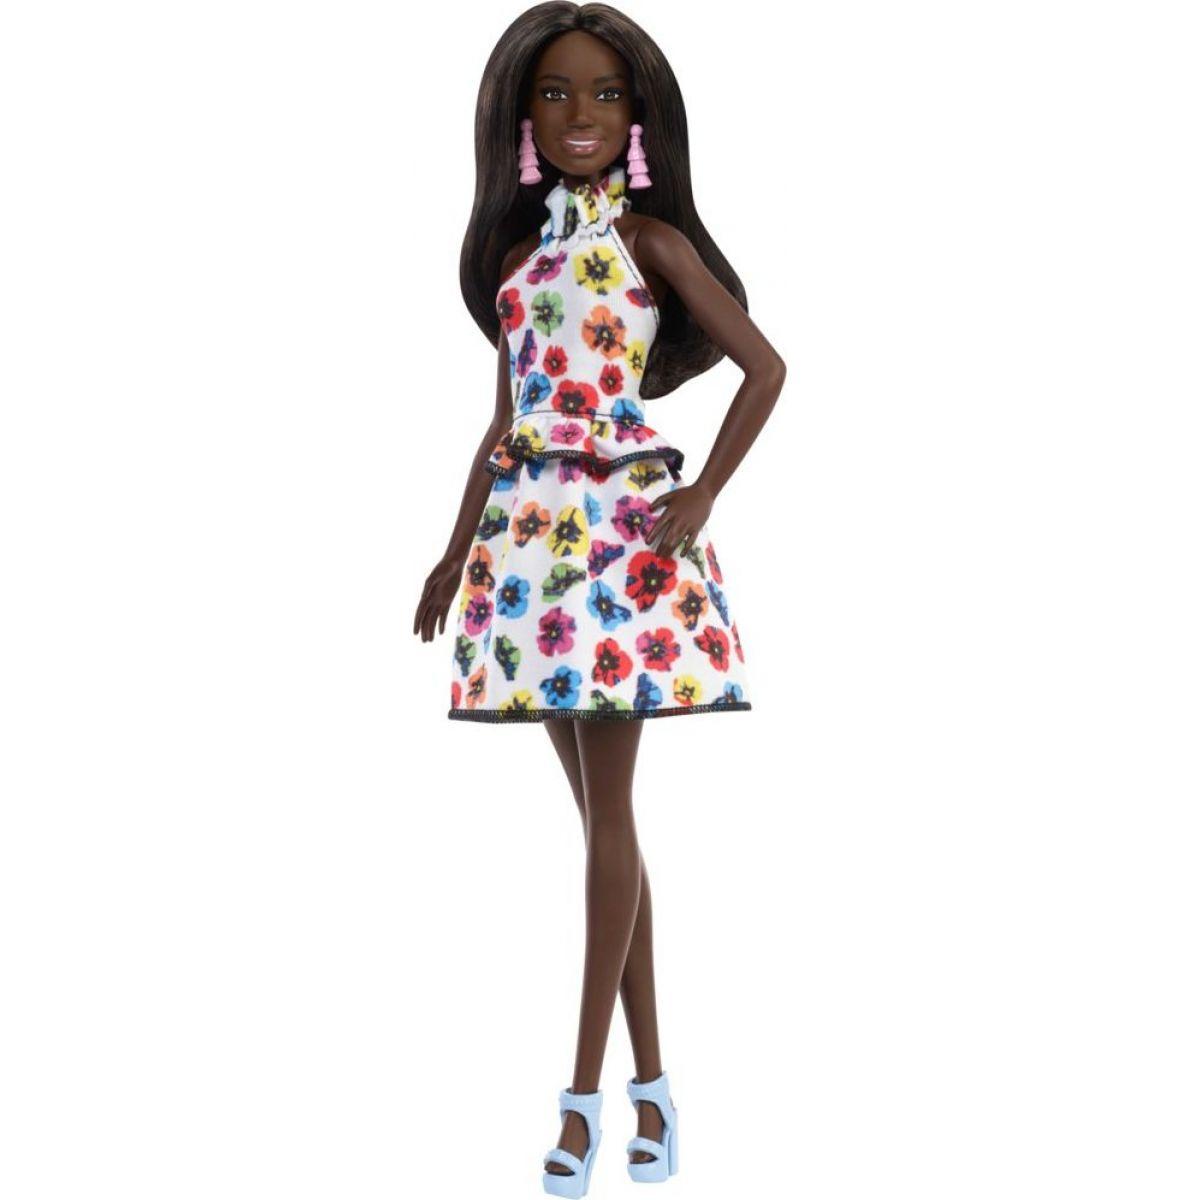 Mattel Barbie modelka 106